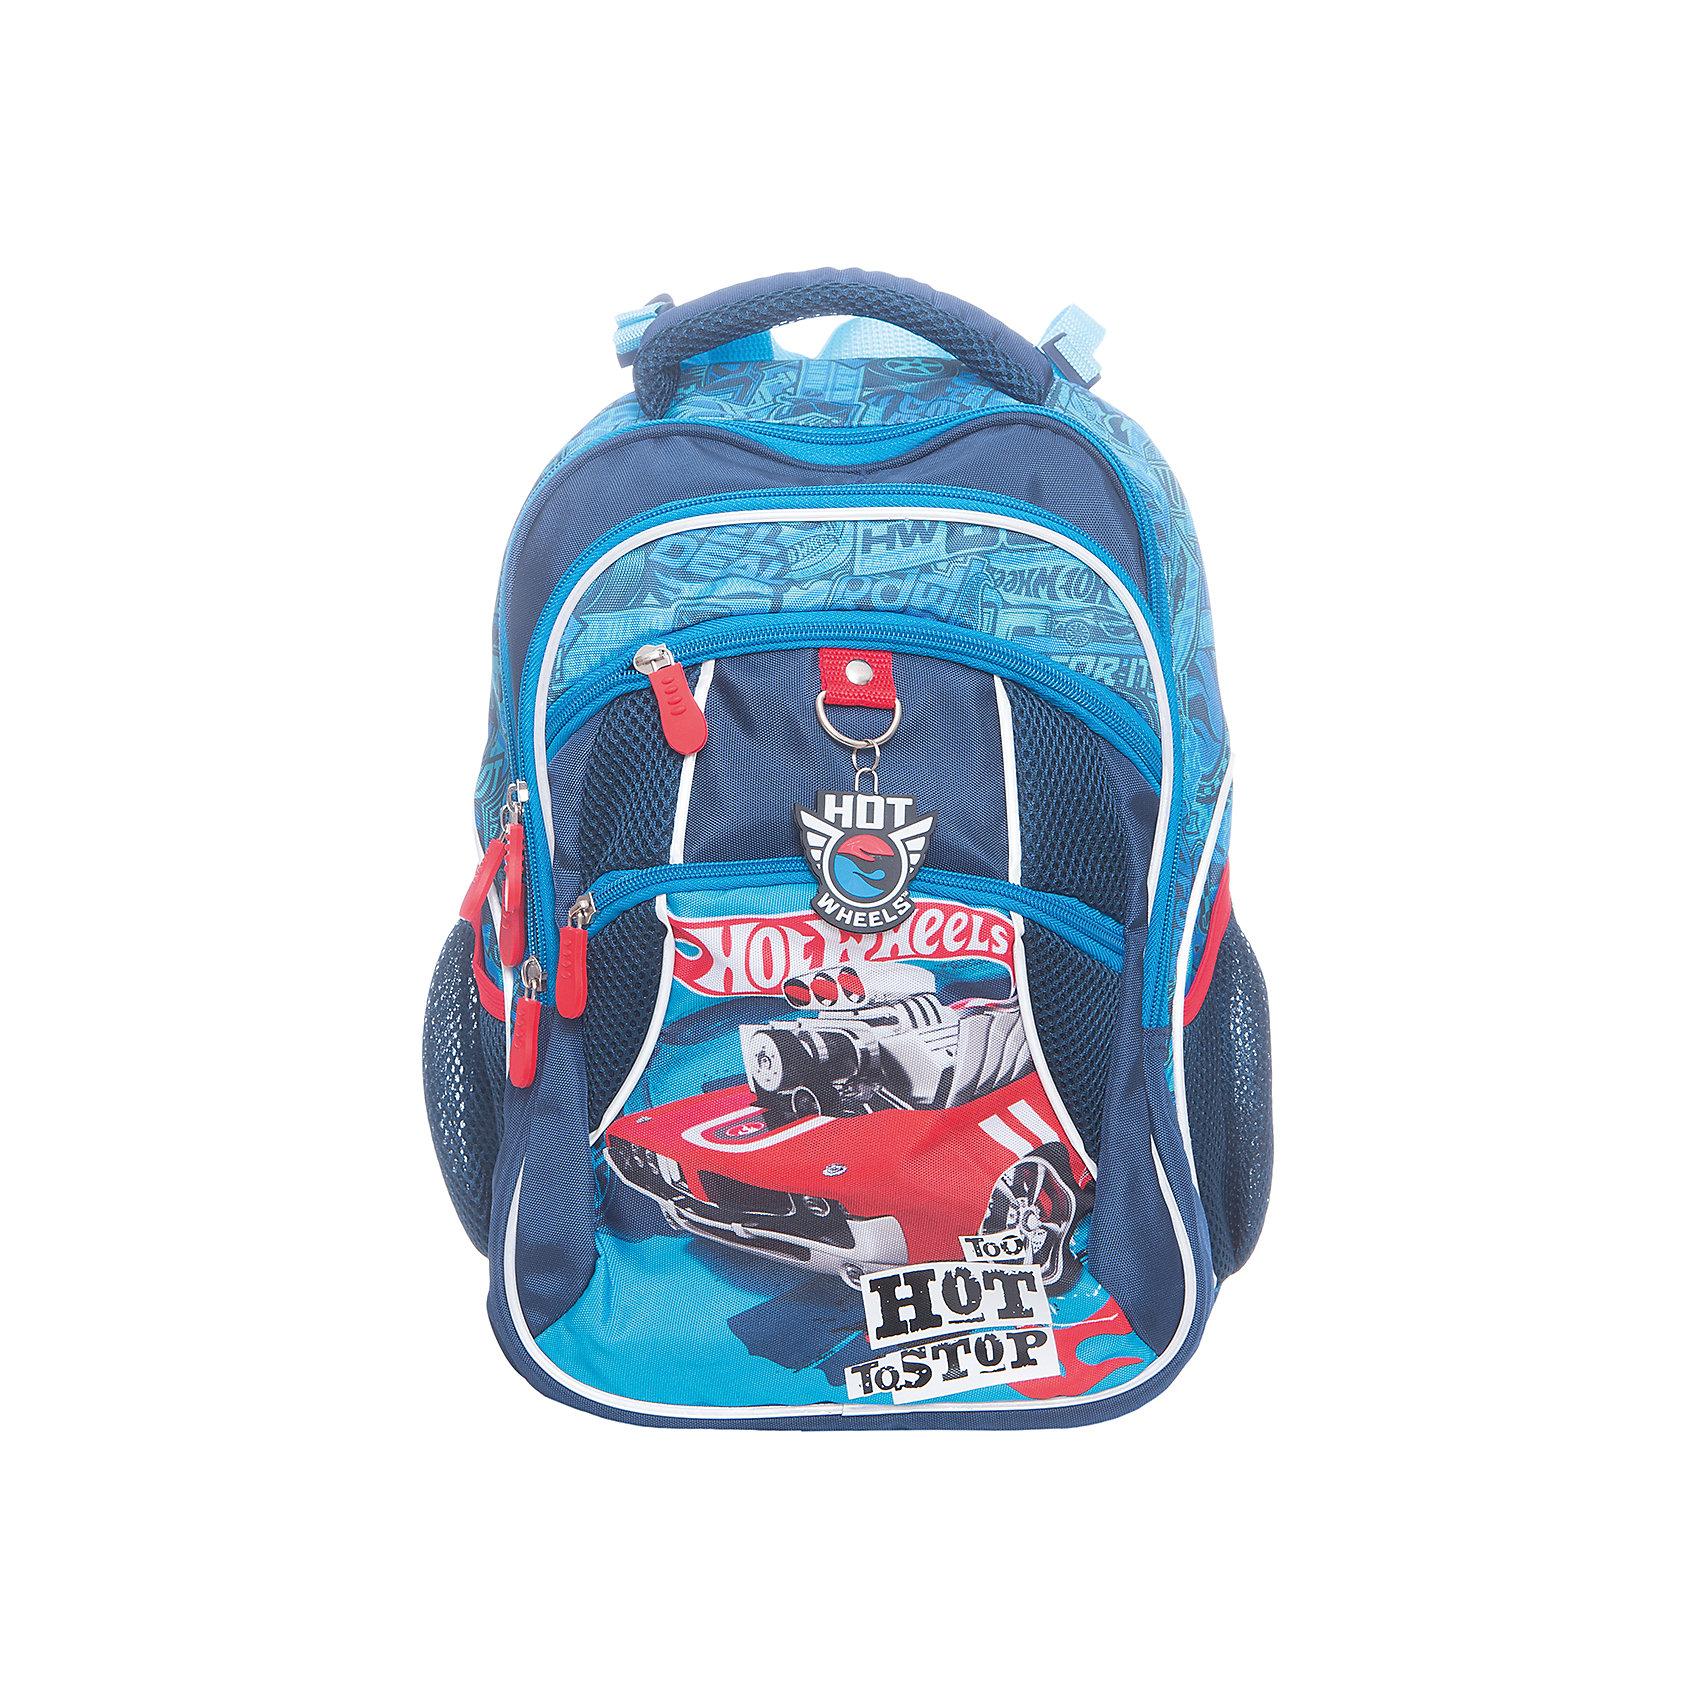 Рюкзак школьный Hot Wheels Super CarРюкзаки<br>Характеристики товара:<br><br>• принт: Hot Wheels Super Car<br>• для начальной школы<br>• цвет: синий<br>• материал: полиэстер, пластик<br>• спинка: эргономичная<br>• размер изделия: 17х28х38 см<br>• вес в кг: 450гр<br>• страна бренда: Германия<br>• страна изготовитель: Китай<br><br>Рюкзак школьный ErichKrause с 2 основными отделениями для учебников, тетрадей, блокнотов и других школьных принадлежностей. <br><br>Спереди 2 кармана на молнии, по бокам сетчатые кармашки для бутылочки с водой. Рюкзак изготовлен из прочного износостойкого полиэстера с водотталкивающей пропиткой.<br><br>Твердая спинка эргономичной конструкции прямо держит спину, чтобы избежать искривления позвоночника, а<br>сетчатый материал на спинке и внутренней стороне лямок обеспечивает циркуляцию воздуха.<br><br>Светоотражающие вставки гарантируют видимость на темной дороге.<br><br>Рюкзак с эргономичной спинкой Hot Wheels Super Car можно купить в нашем интернет-магазине.<br><br>Ширина мм: 440<br>Глубина мм: 330<br>Высота мм: 190<br>Вес г: 697<br>Возраст от месяцев: 72<br>Возраст до месяцев: 96<br>Пол: Мужской<br>Возраст: Детский<br>SKU: 6842678